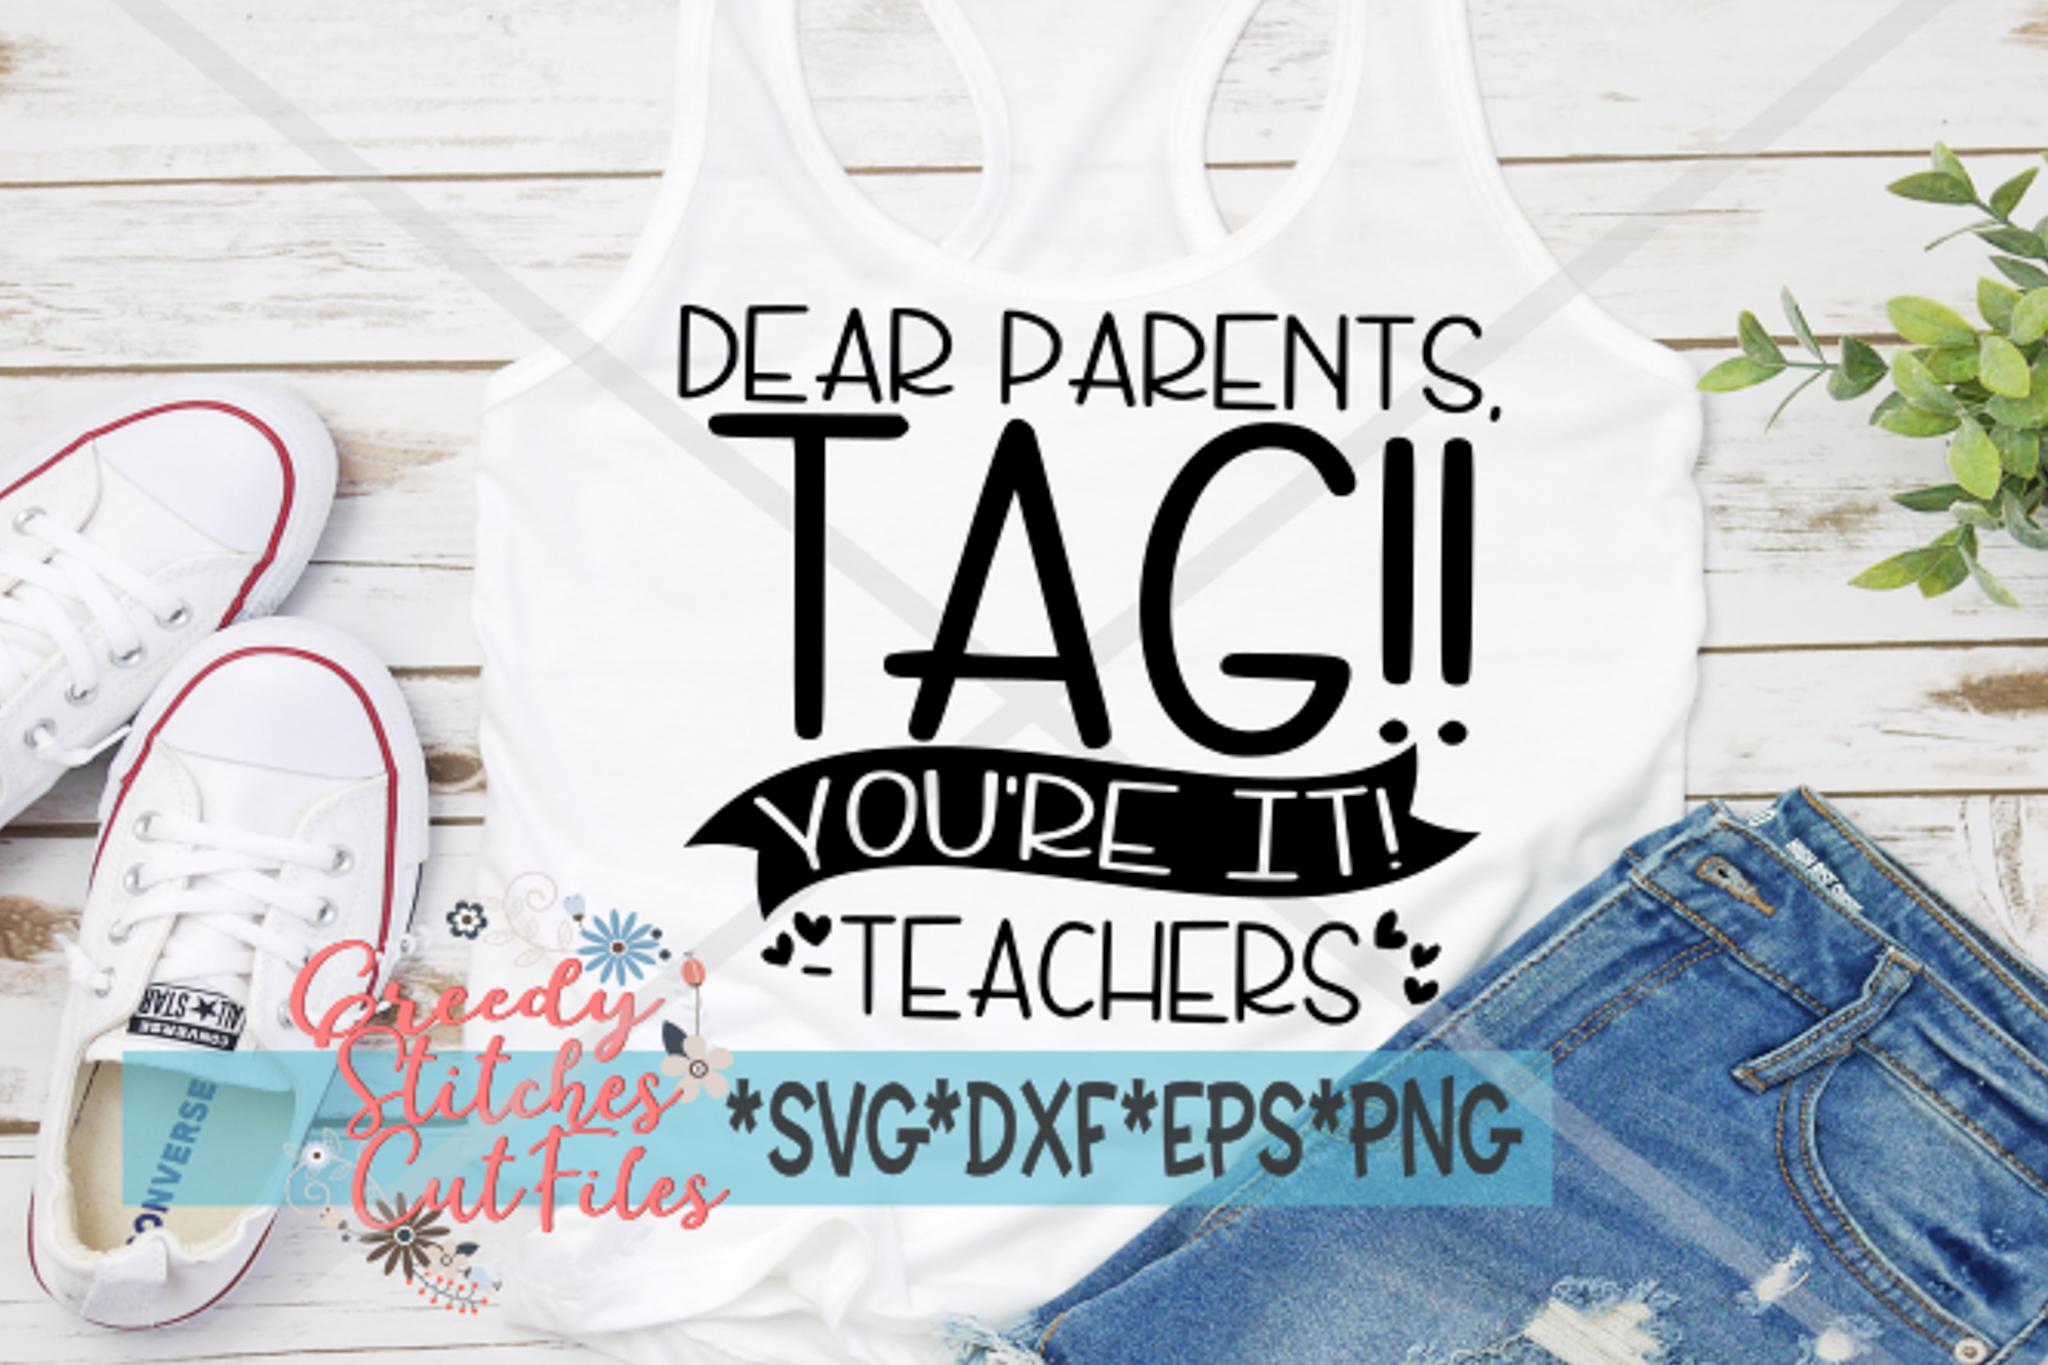 Teacher SVG | Dear Parents, Tag!! You're It! -Teacher SVG example image 5